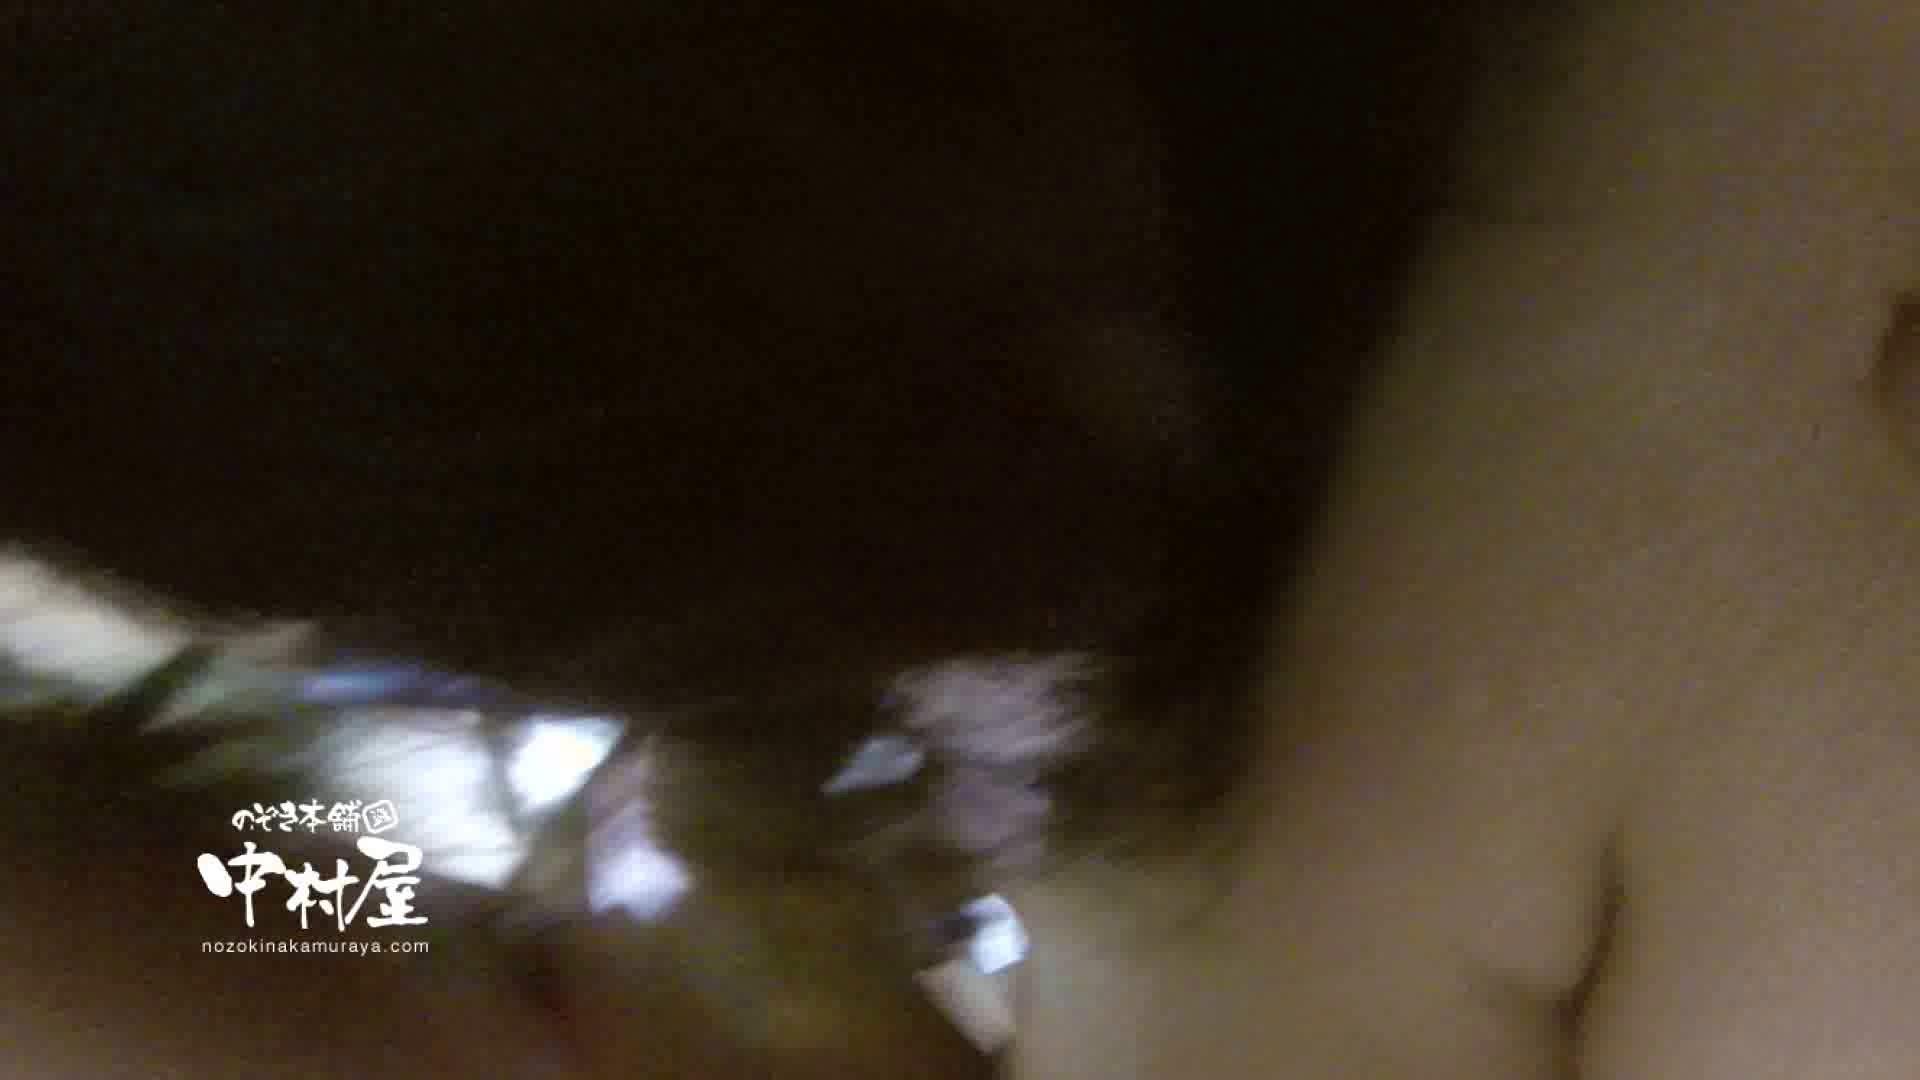 鬼畜 vol.14 小生意気なおなごにはペナルティー 前編 鬼畜 | 美しいOLの裸体  98pic 73